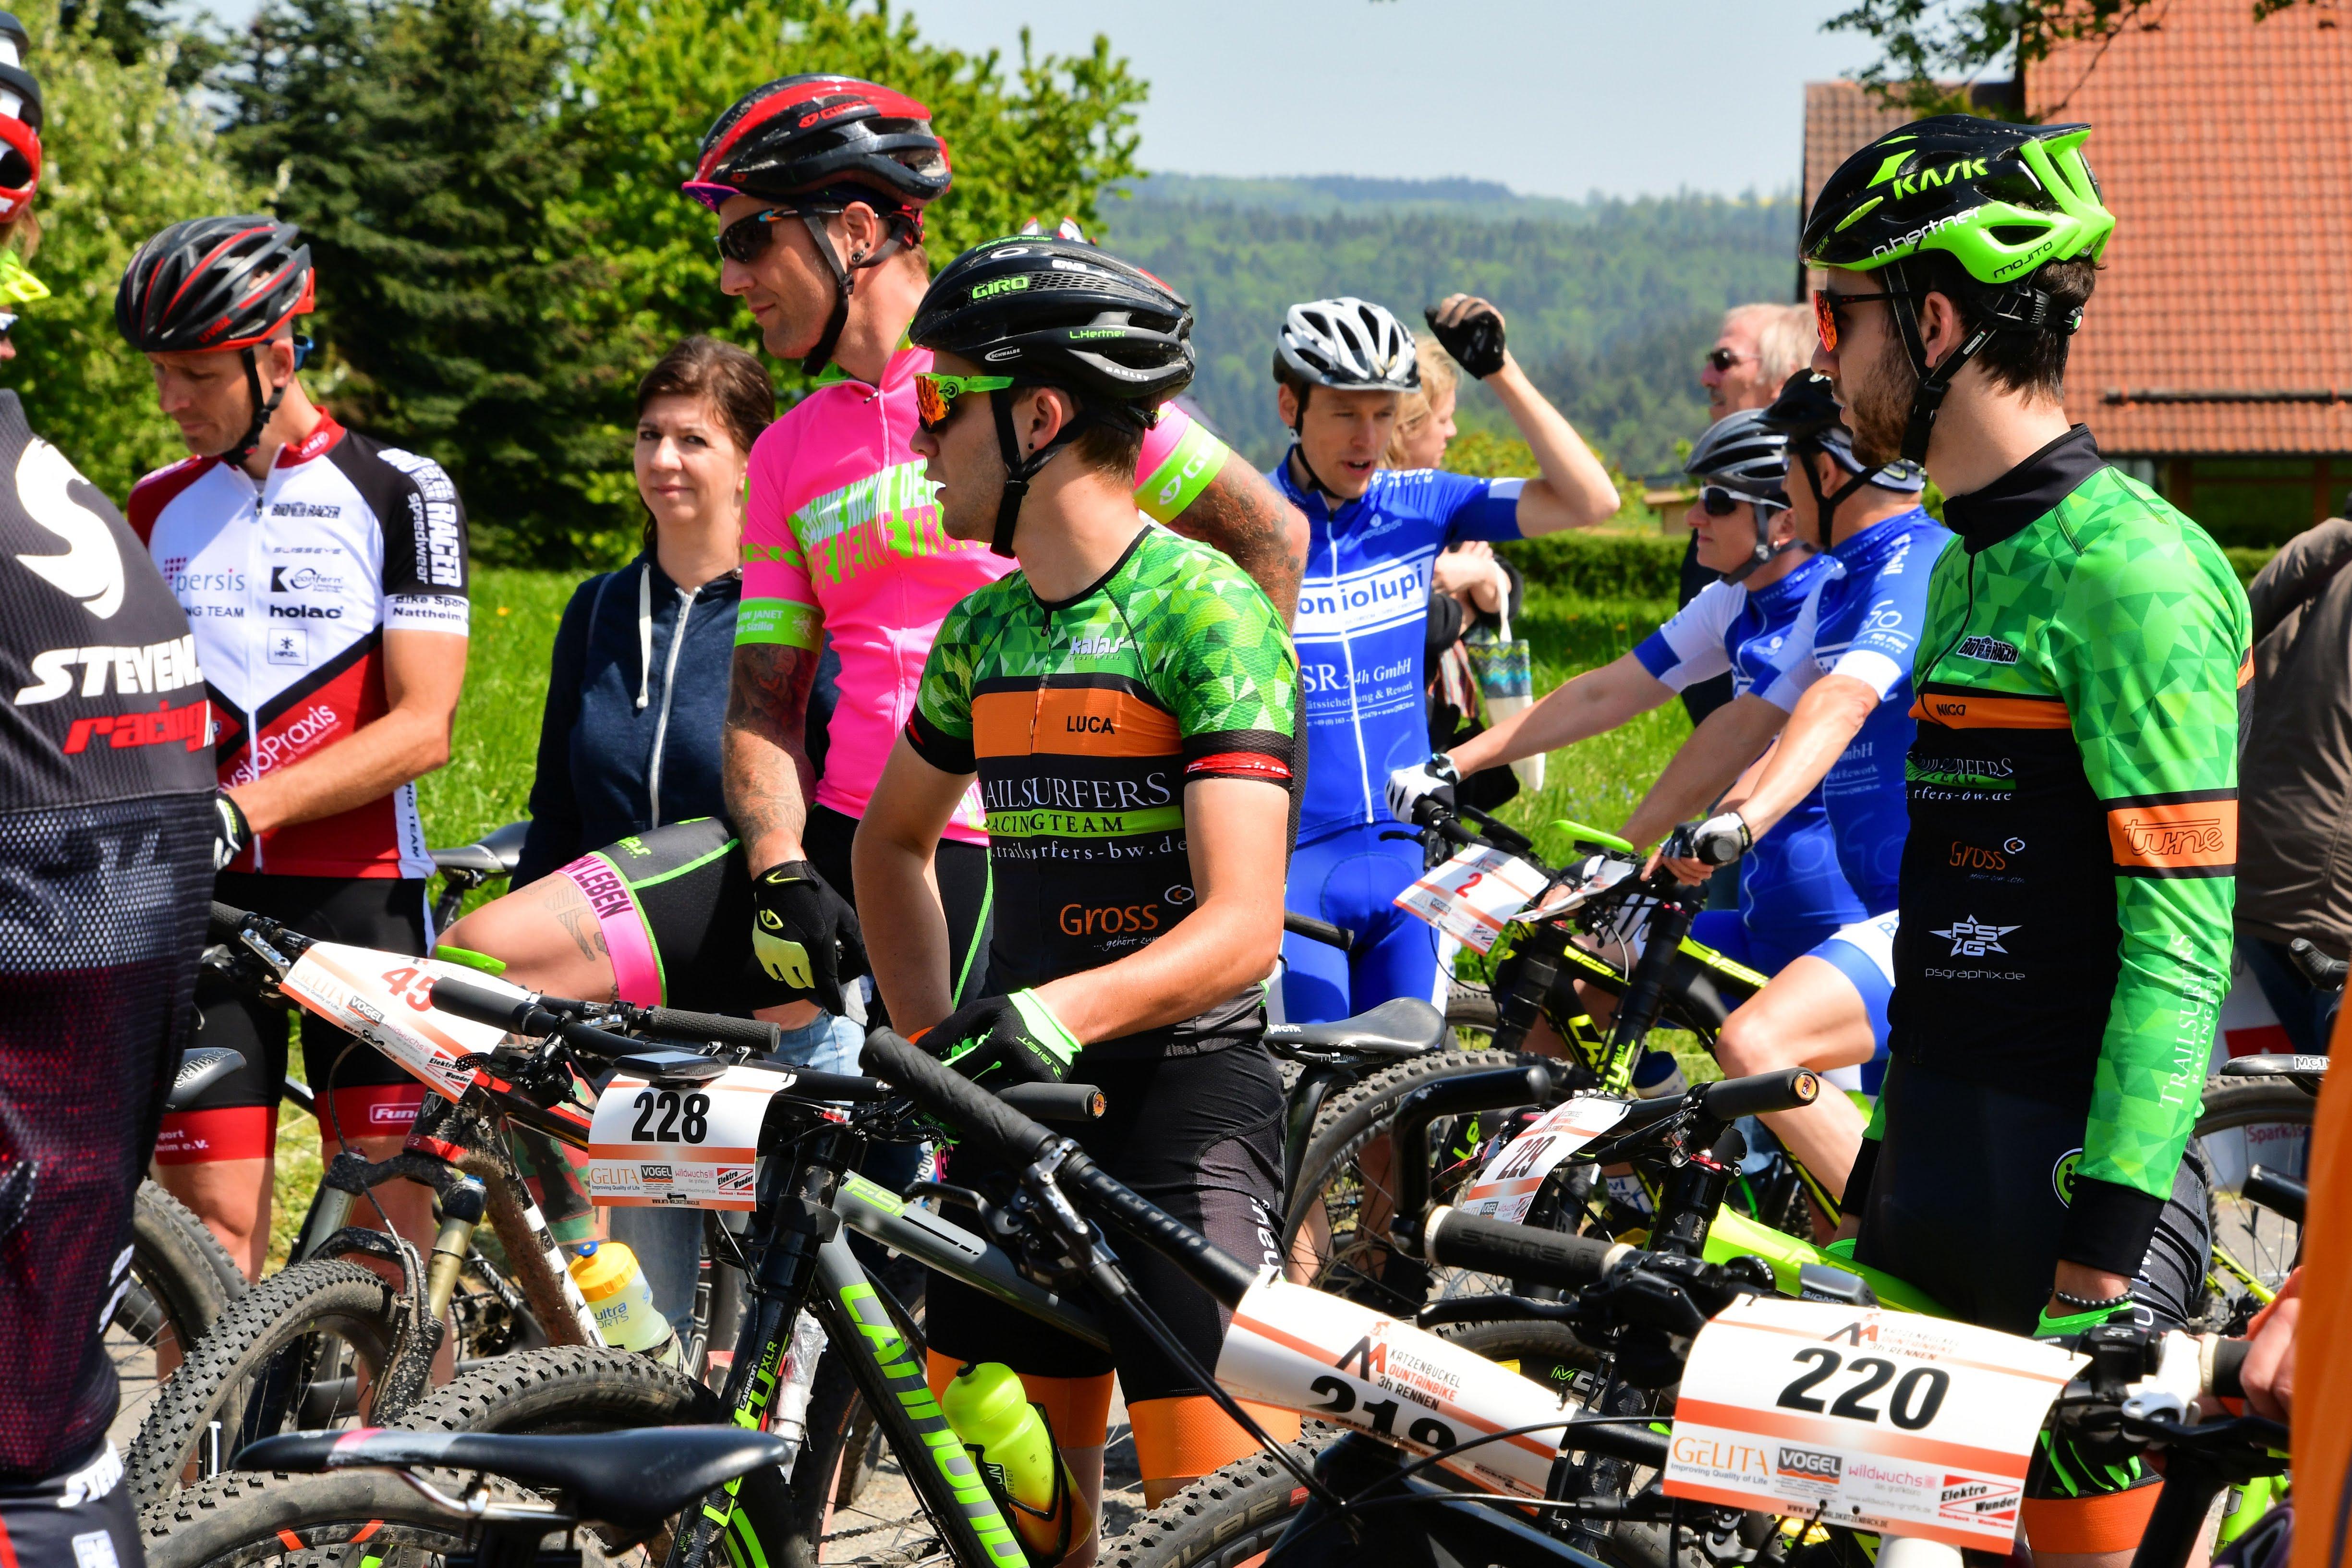 Permanente Radtouren 2019 Radsport Bezirk Rhein Neckar Odenwald